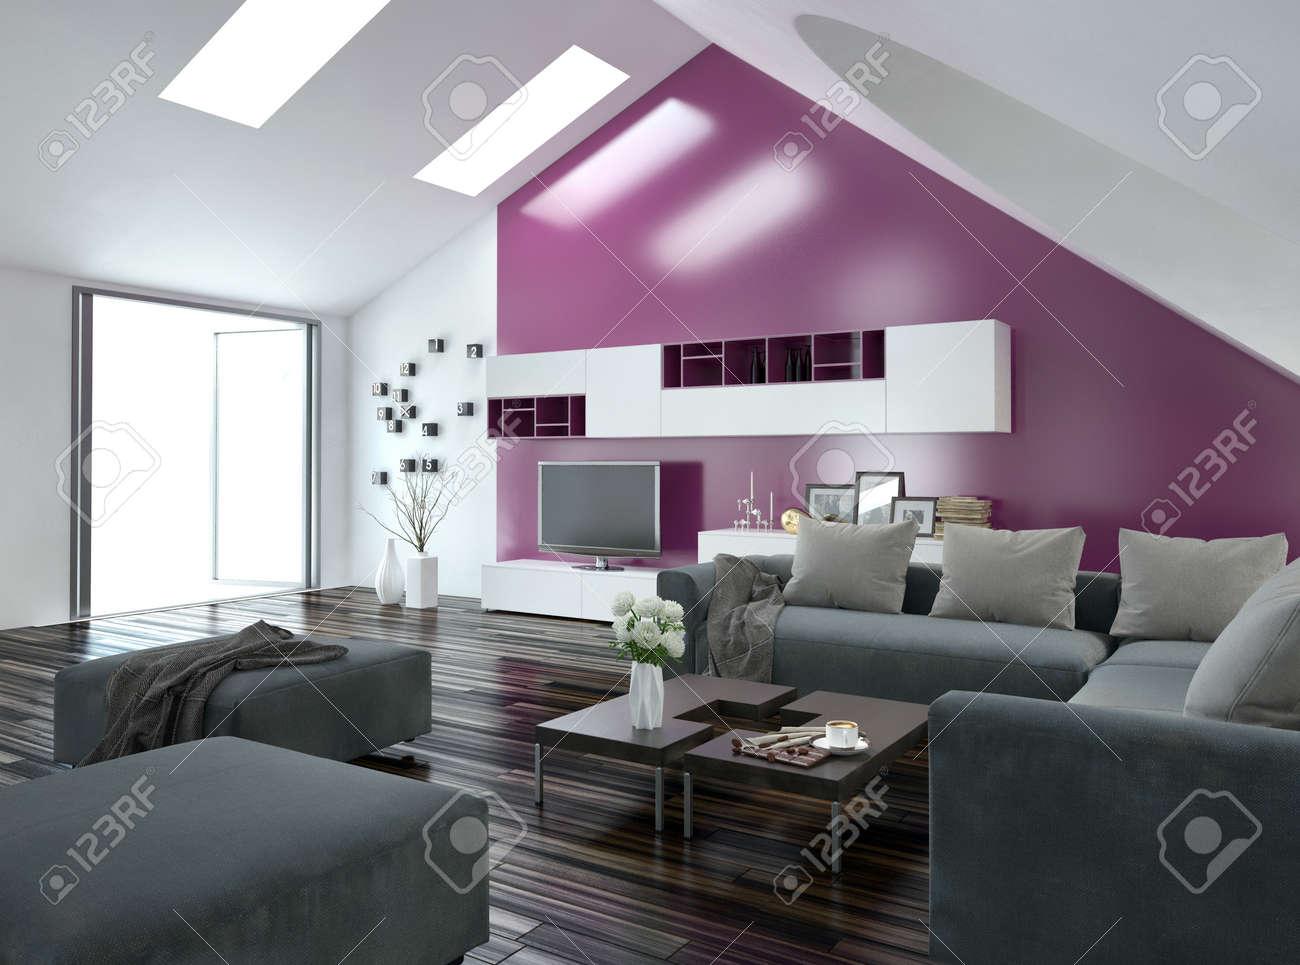 Appartement moderne salon intérieur avec un mur d'accent pourpre ...